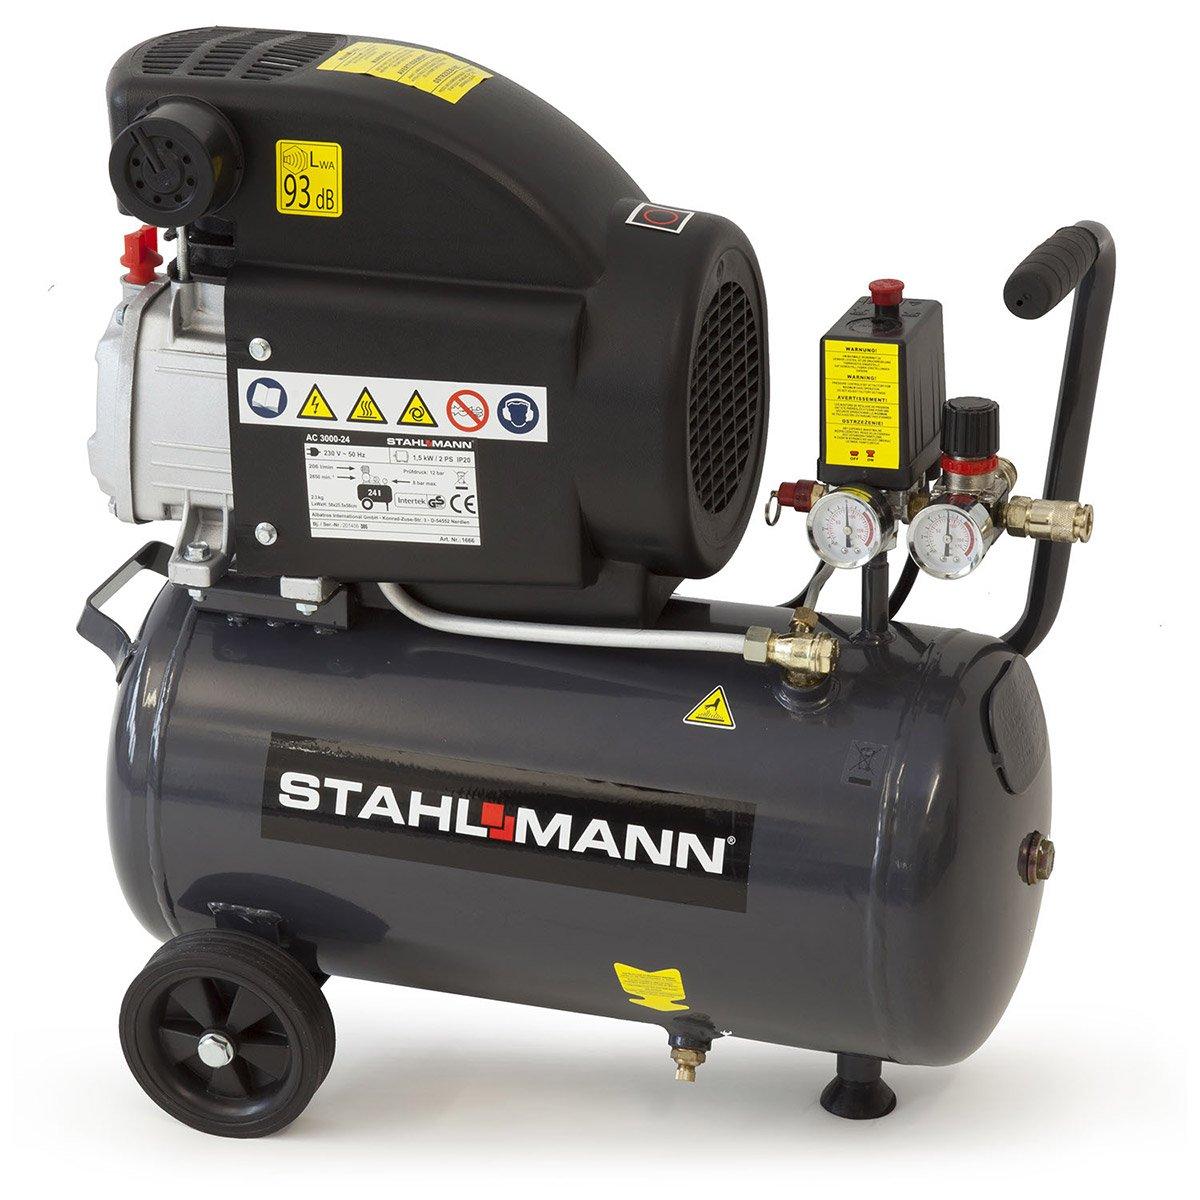 STAHLMANN Kompressor 24L AC300024  BaumarktKundenbewertung und Beschreibung